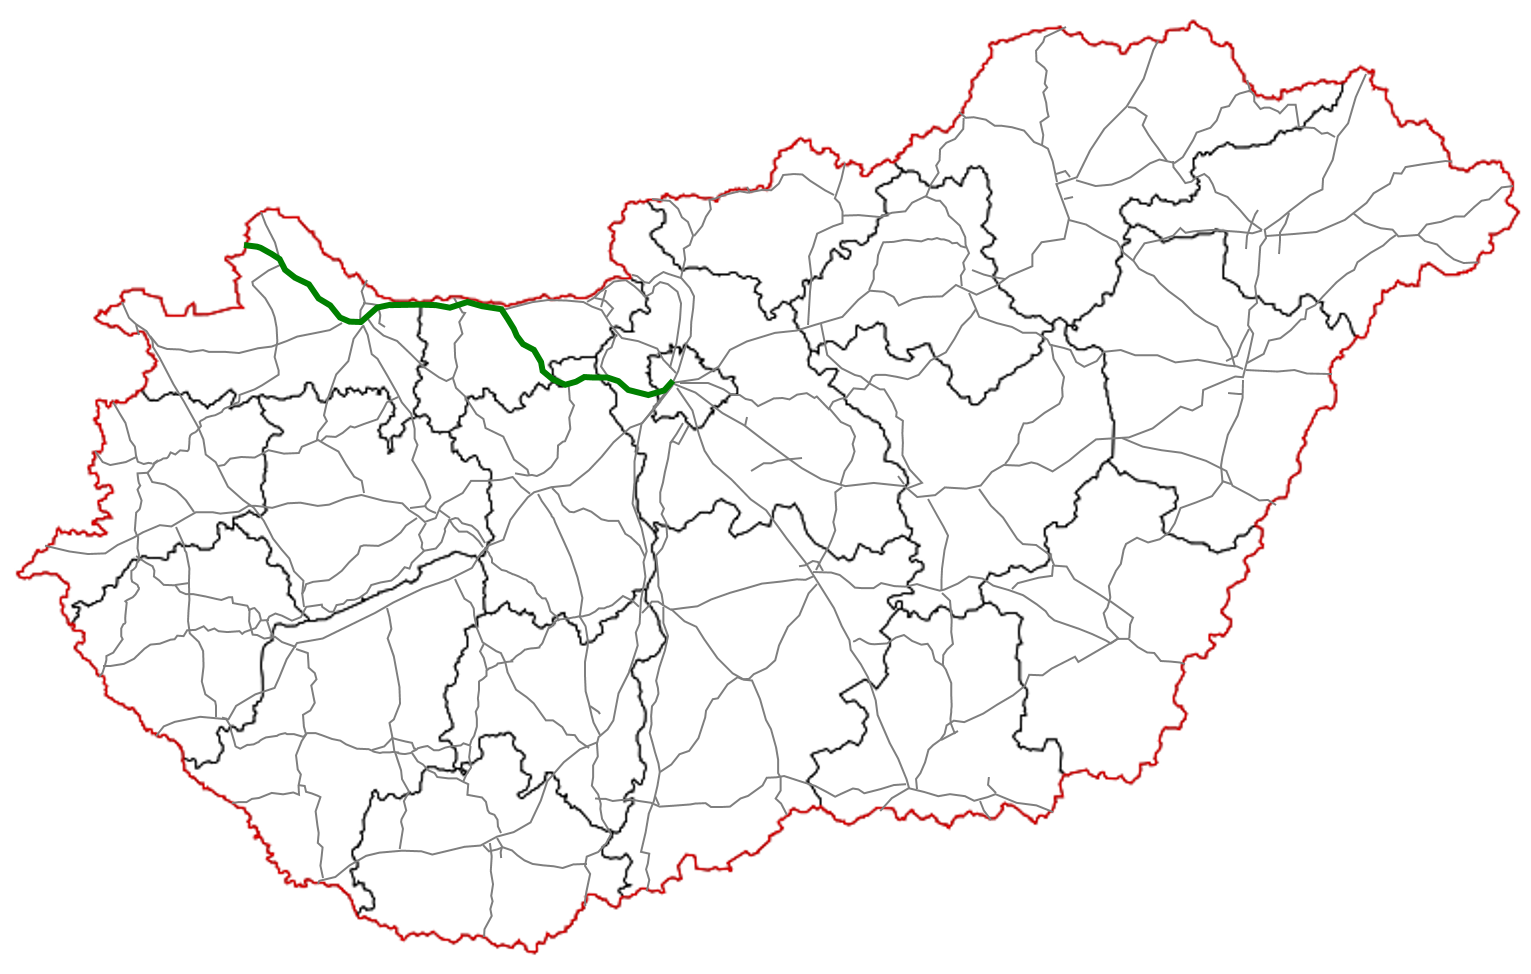 Hegyi siklopalya ausztriaban 311 - Hegyi Siklopalya Ausztriaban 311 9